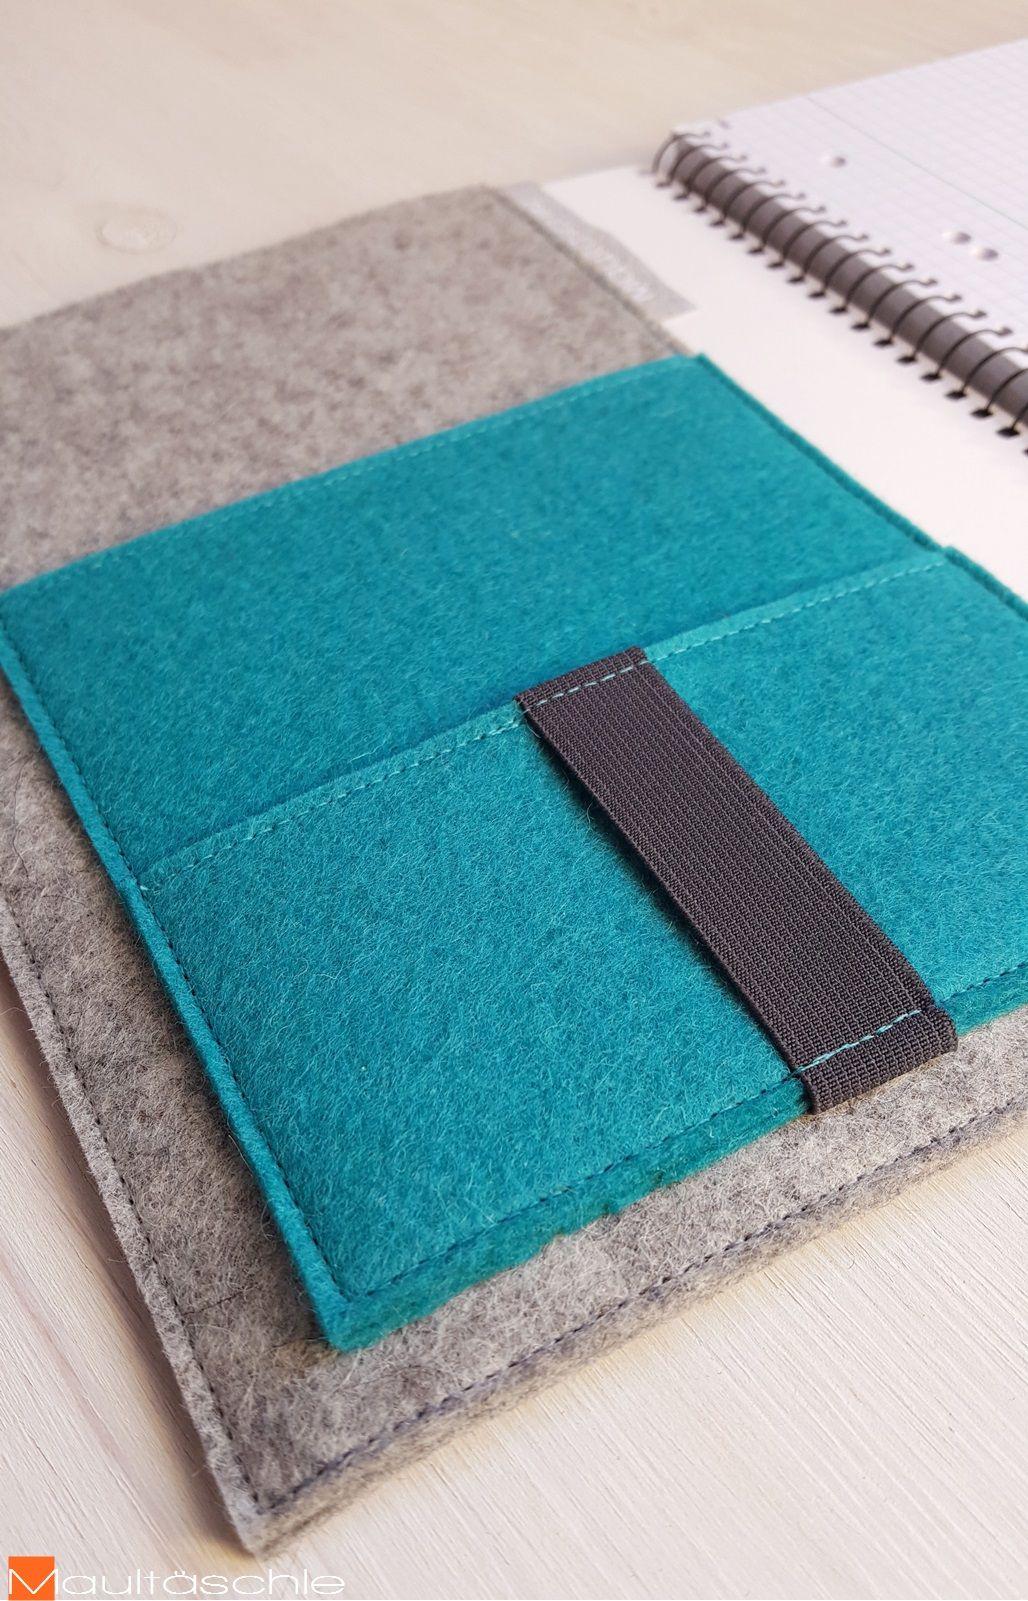 Schreibmappe Aus Wollfilz A5 Und A4 Format Praktische